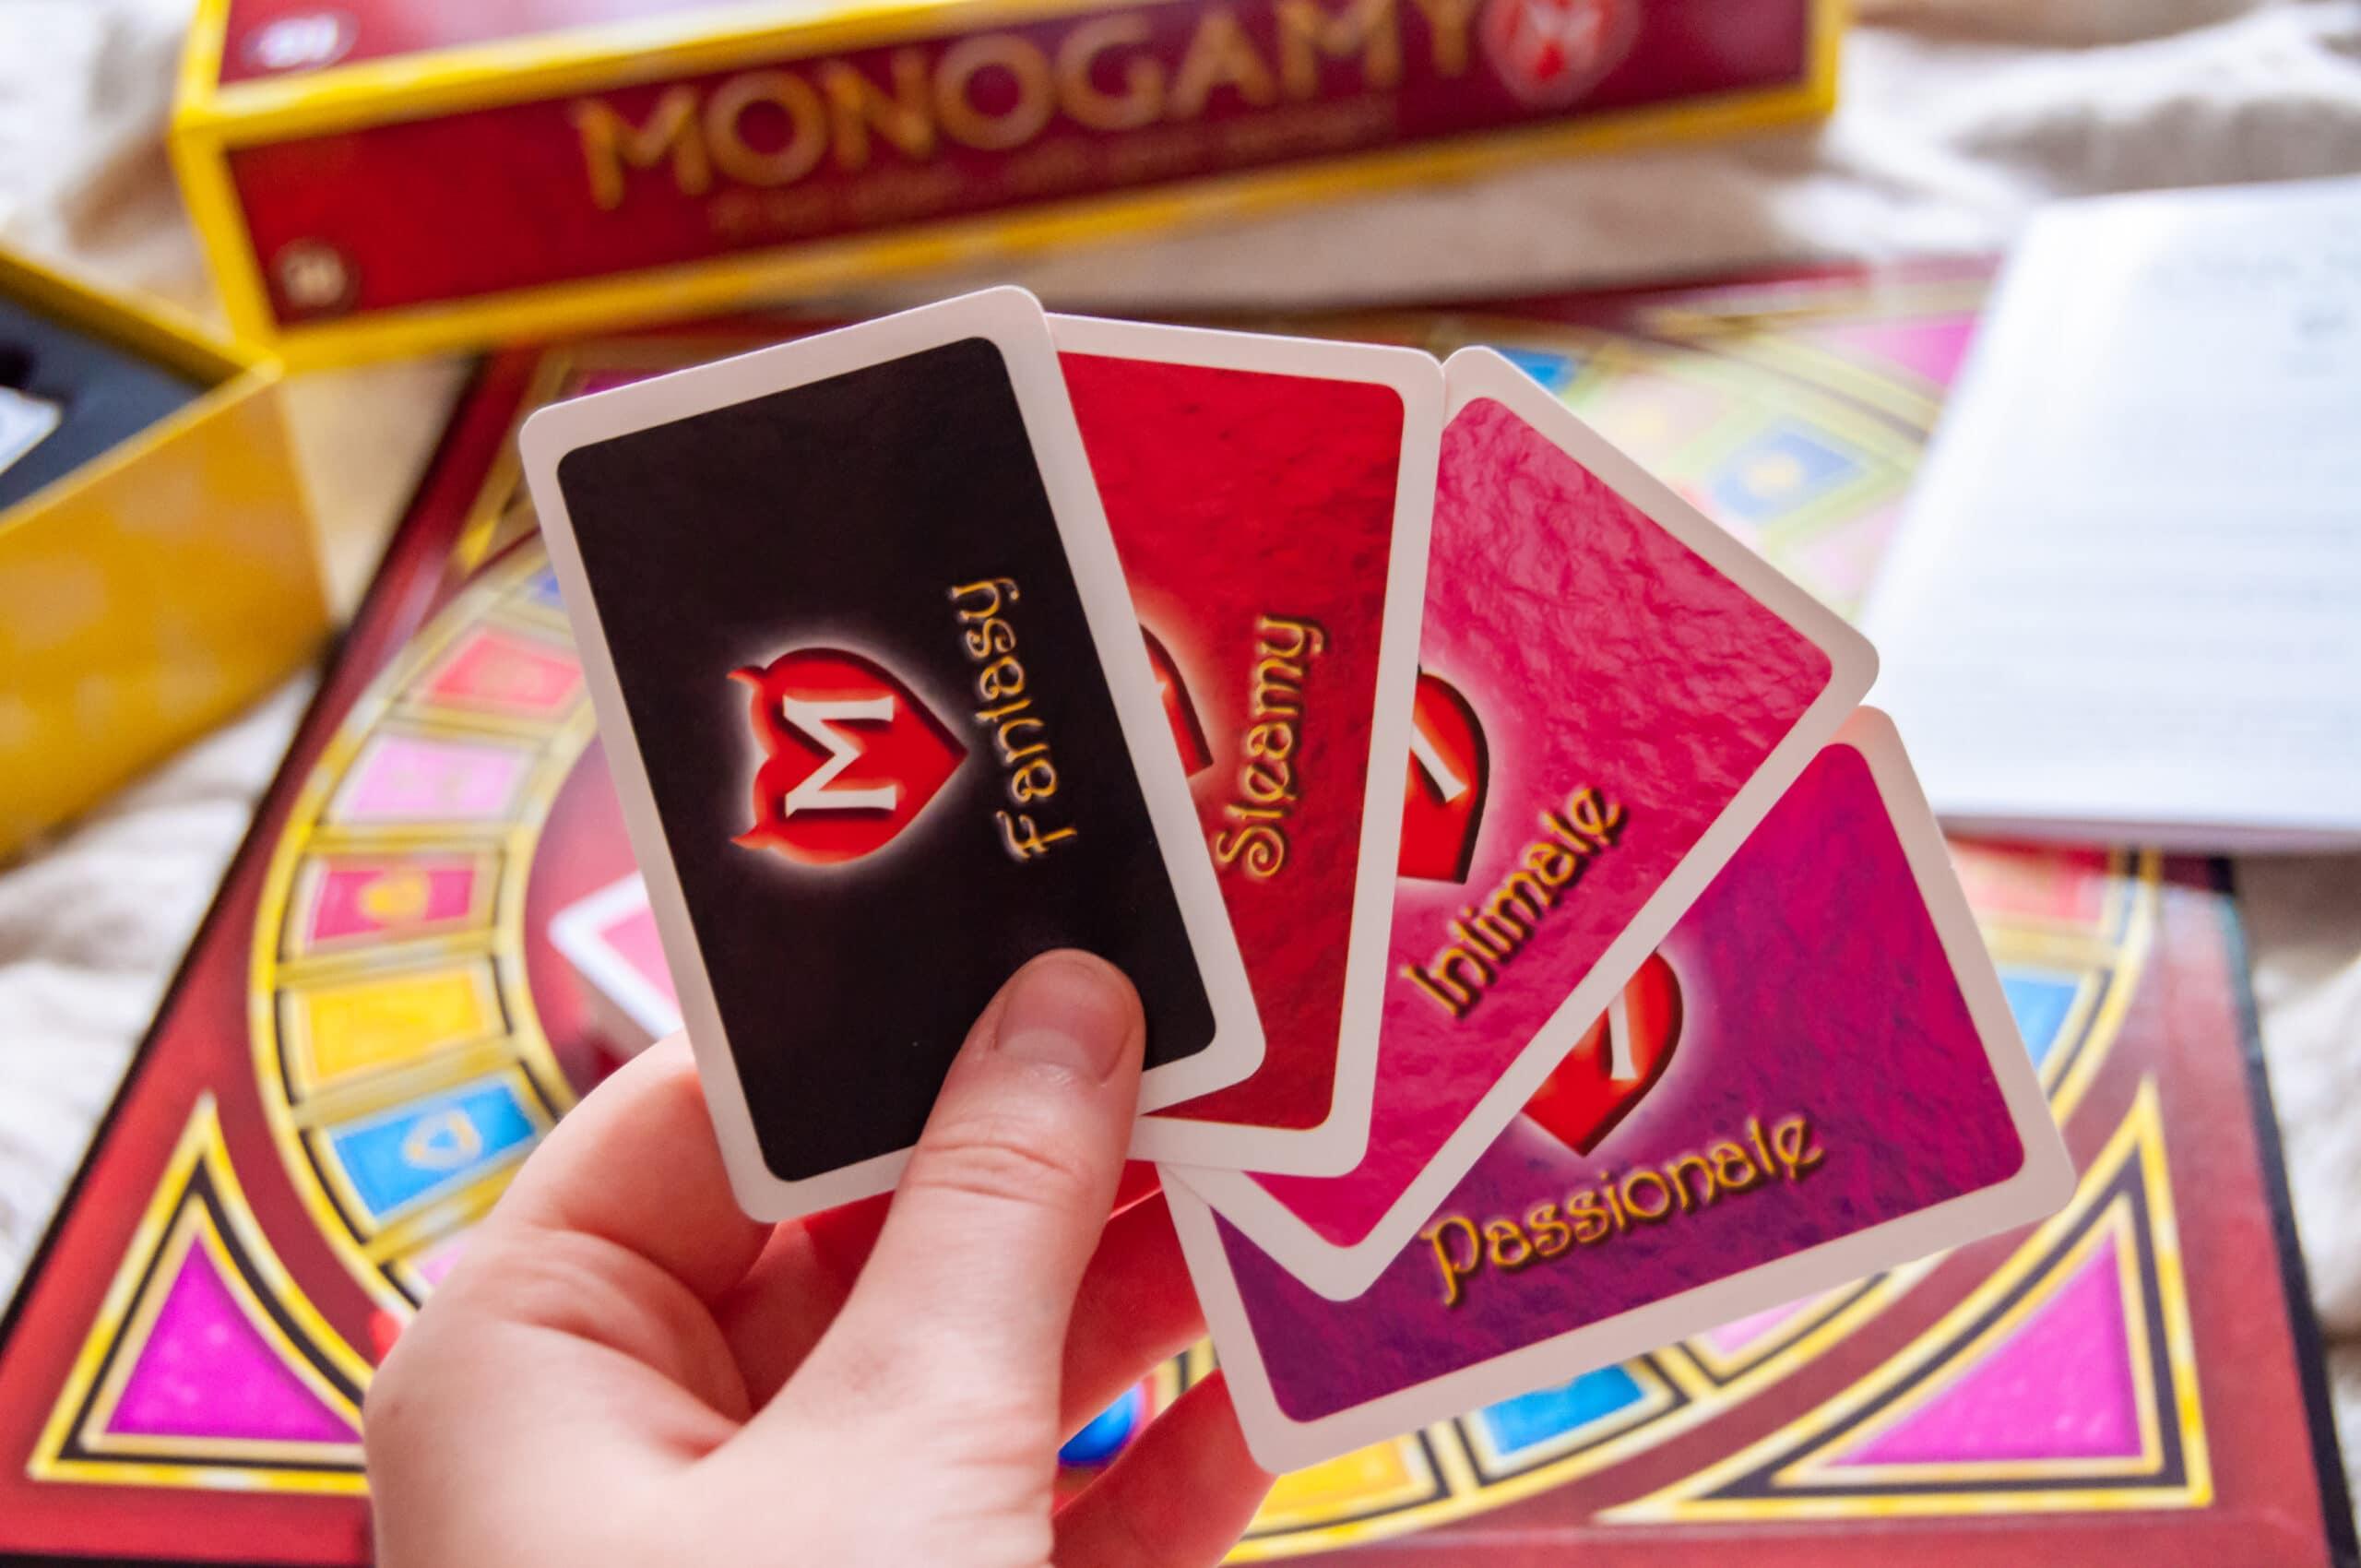 Monogamy erotiskt brädspel